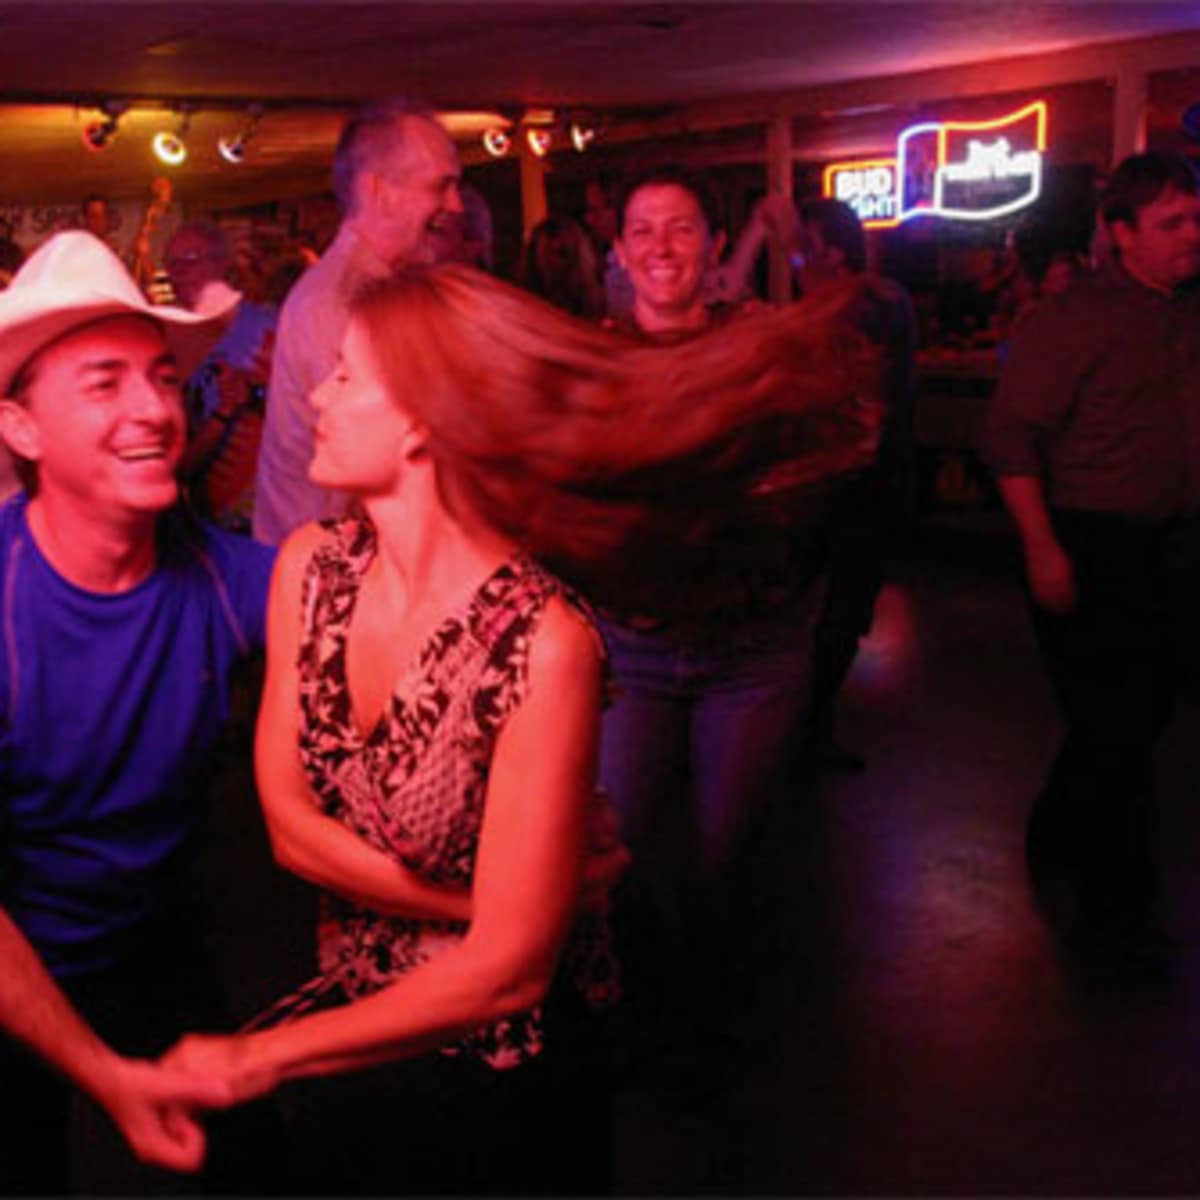 Austin photo: Places_Drink_The Broken Spoke_Dancefloor